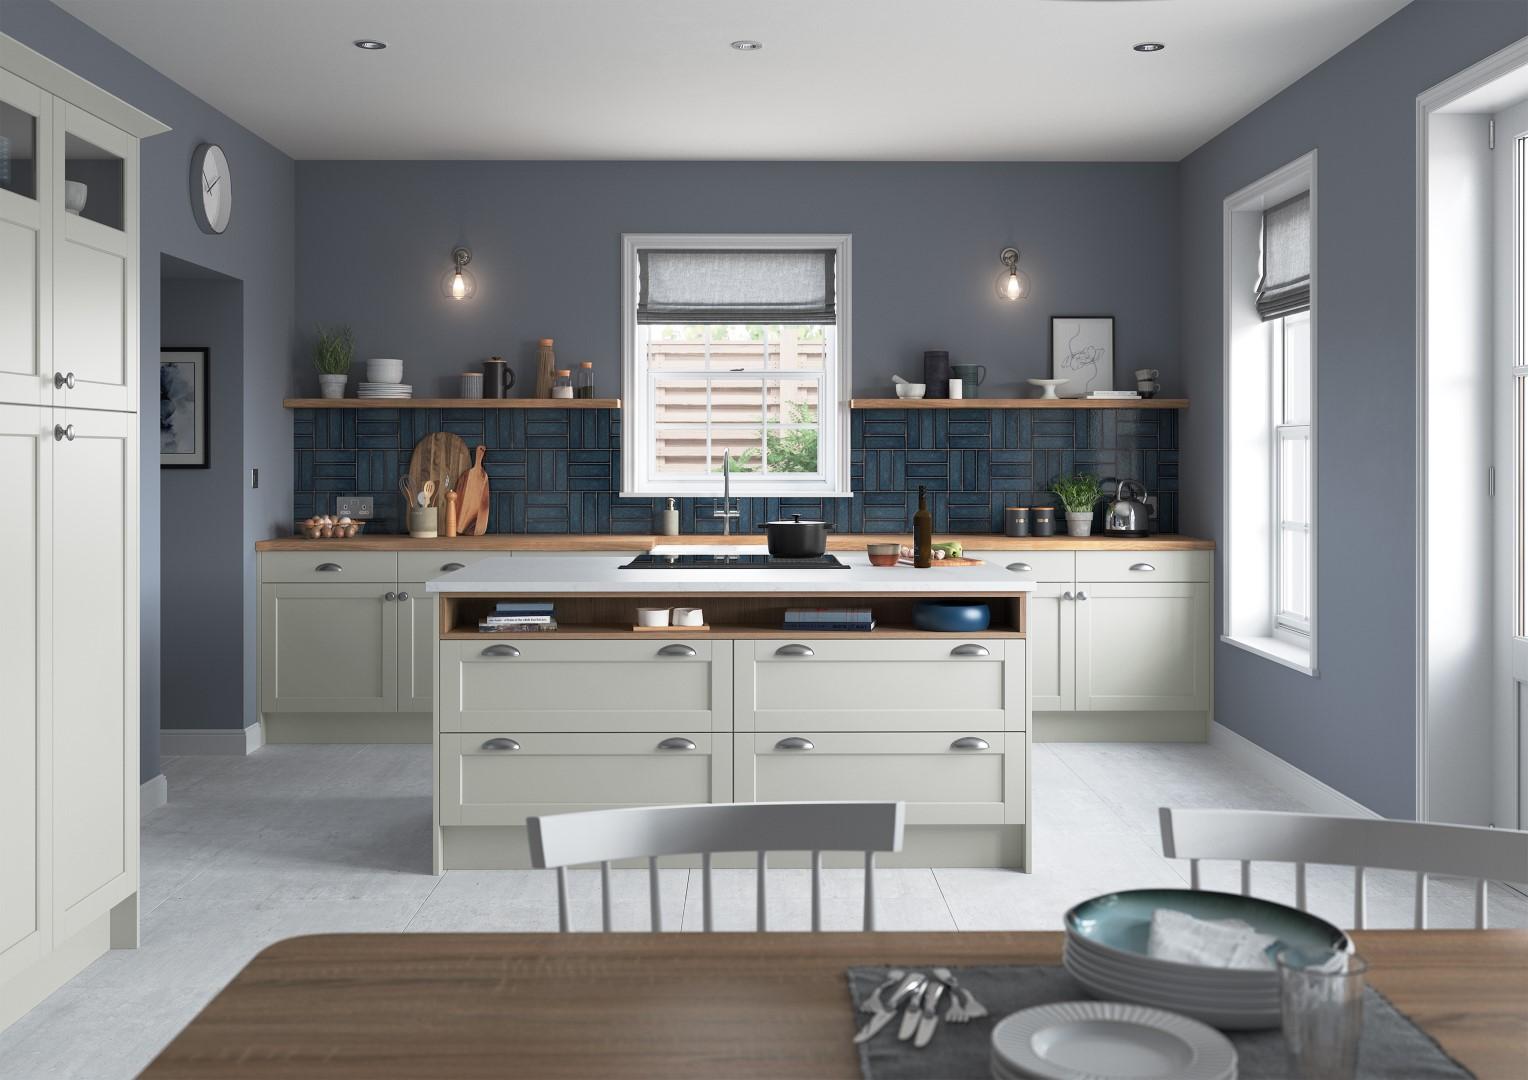 Dawson Light Grey - Kitchen Design - Alan Kelly Kitchens - Waterford - 3